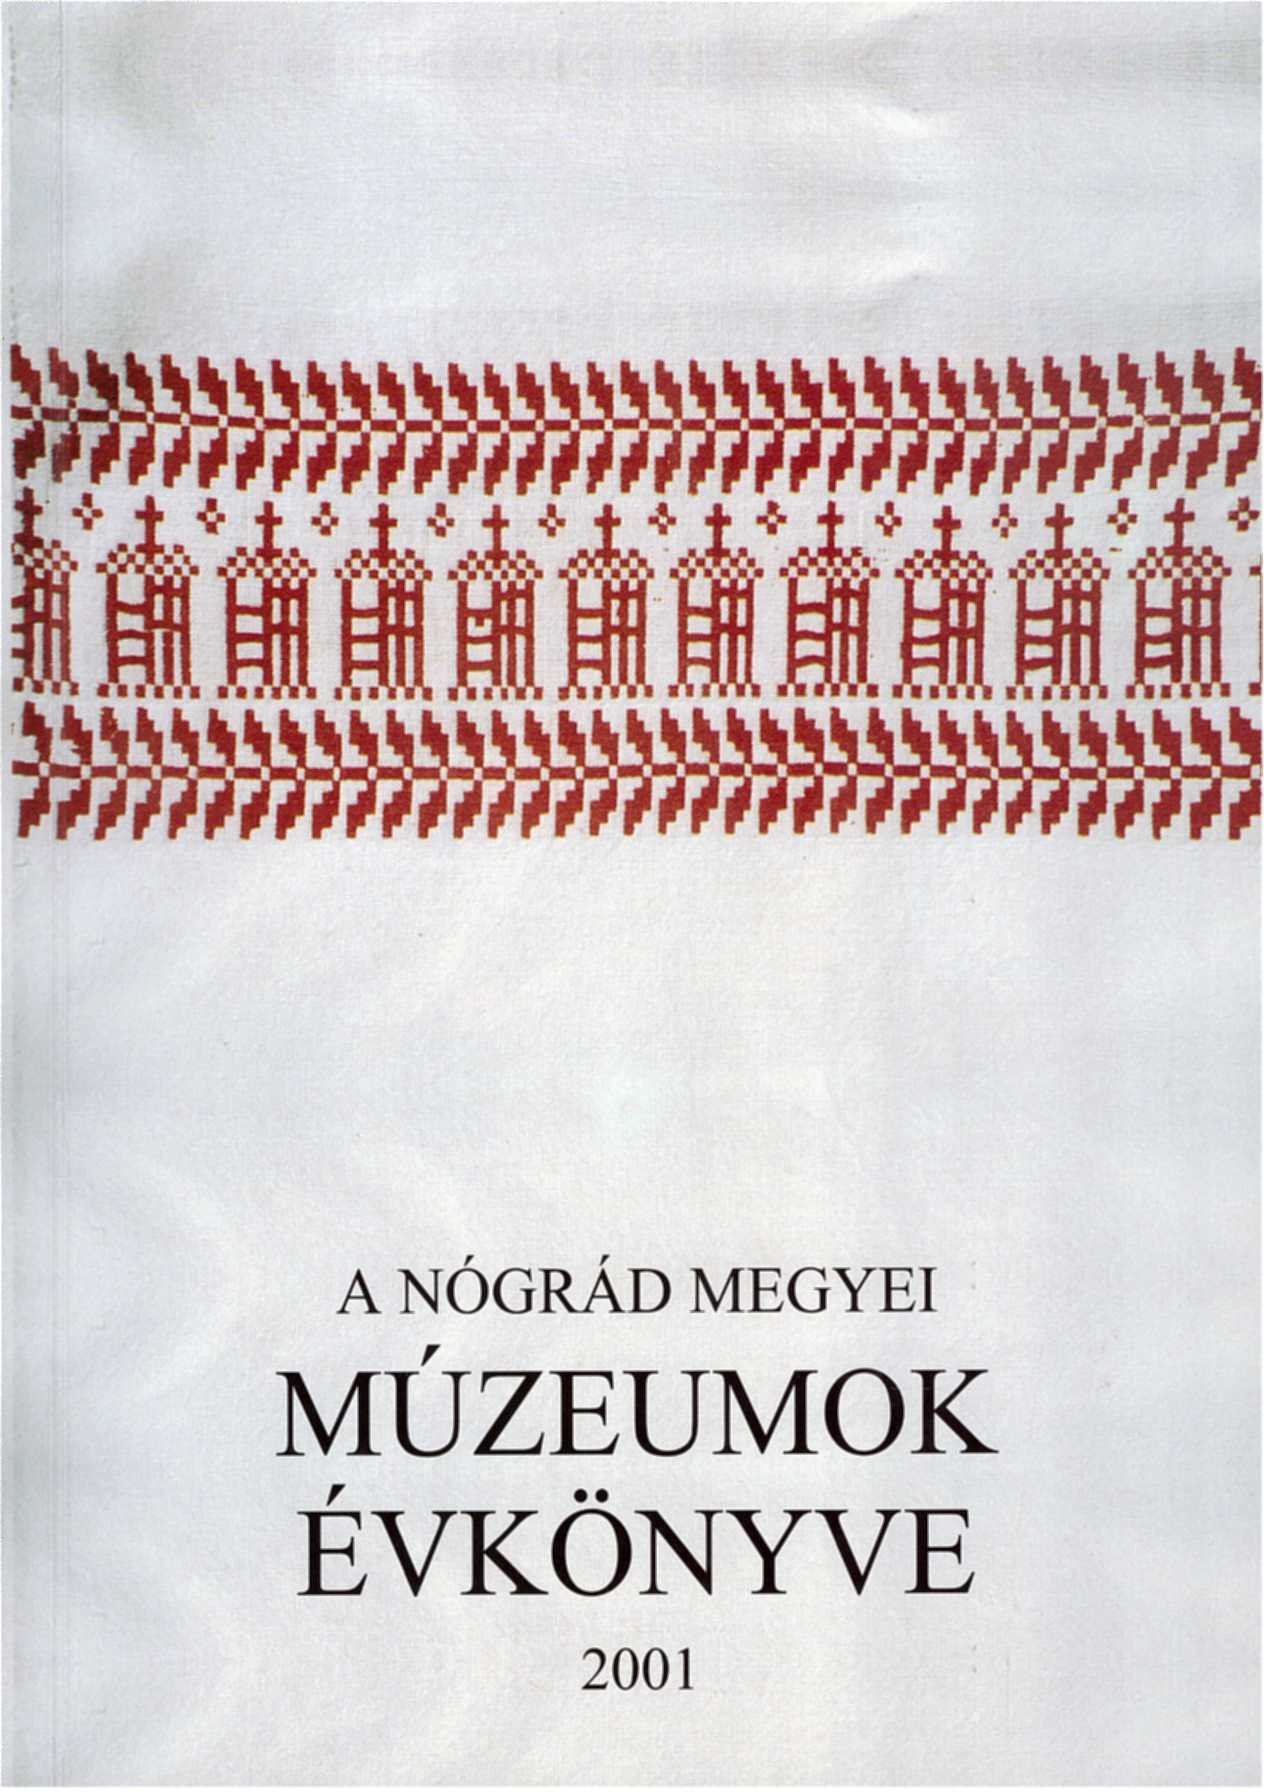 <b>A Nógrád Megyei Múzeumok Évkönyve XXV.</b>